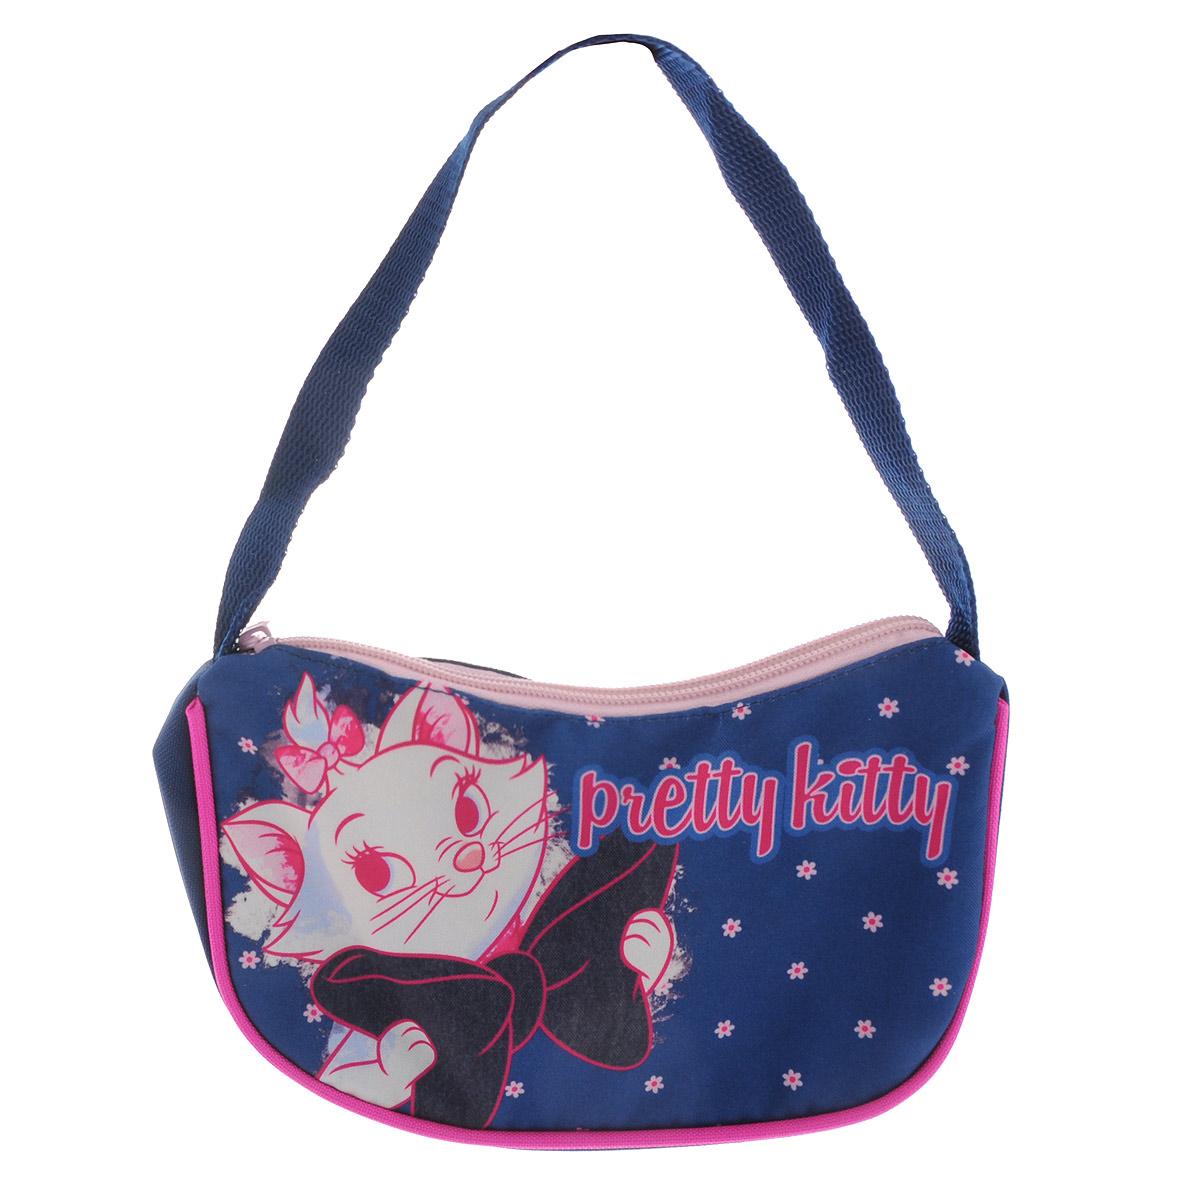 Яркая сумочка Marie Cat станет незаменимым аксессуаром для вашей маленькой модницы!  Она изготовлена из текстильного материала с изображением любимого мультипликационного героя. Сумка имеет одно отделение и закрывается на застежку-молнию.   Ваша малышка с удовольствием будет носить в ней свои вещи, любимые игрушки или аксессуары. Порадуйте ее таким замечательным подарком!